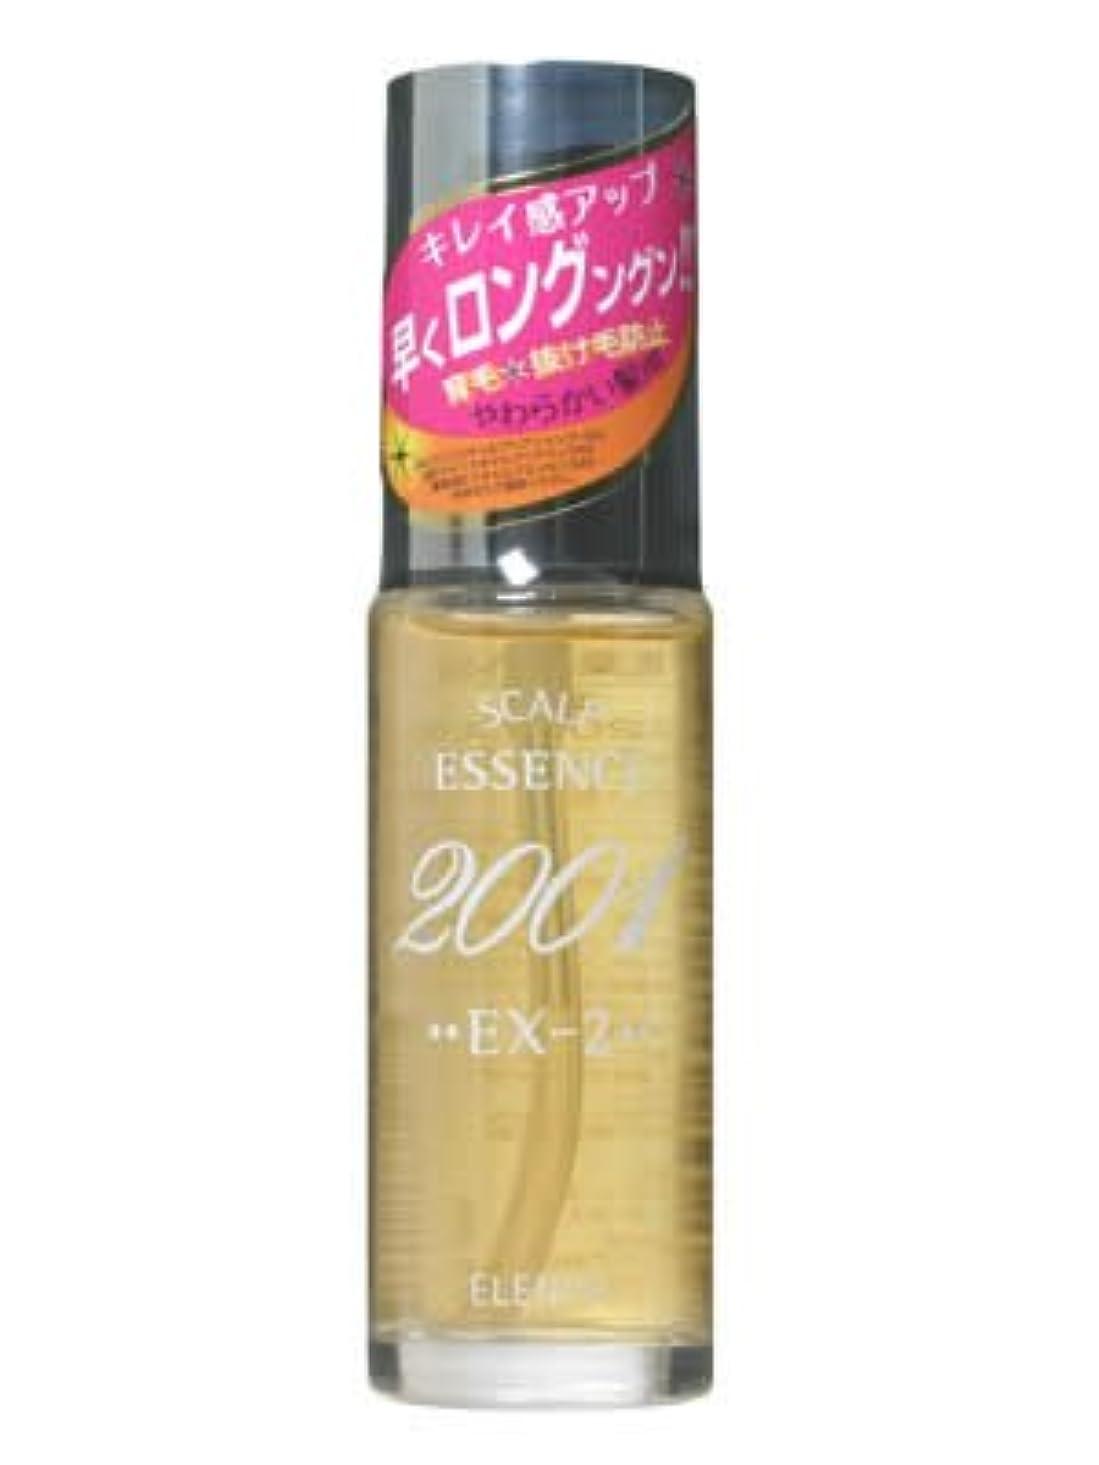 踏み台顎哲学エレンス2001 スキャルプエッセンスEX-2(やわらかい髪用)